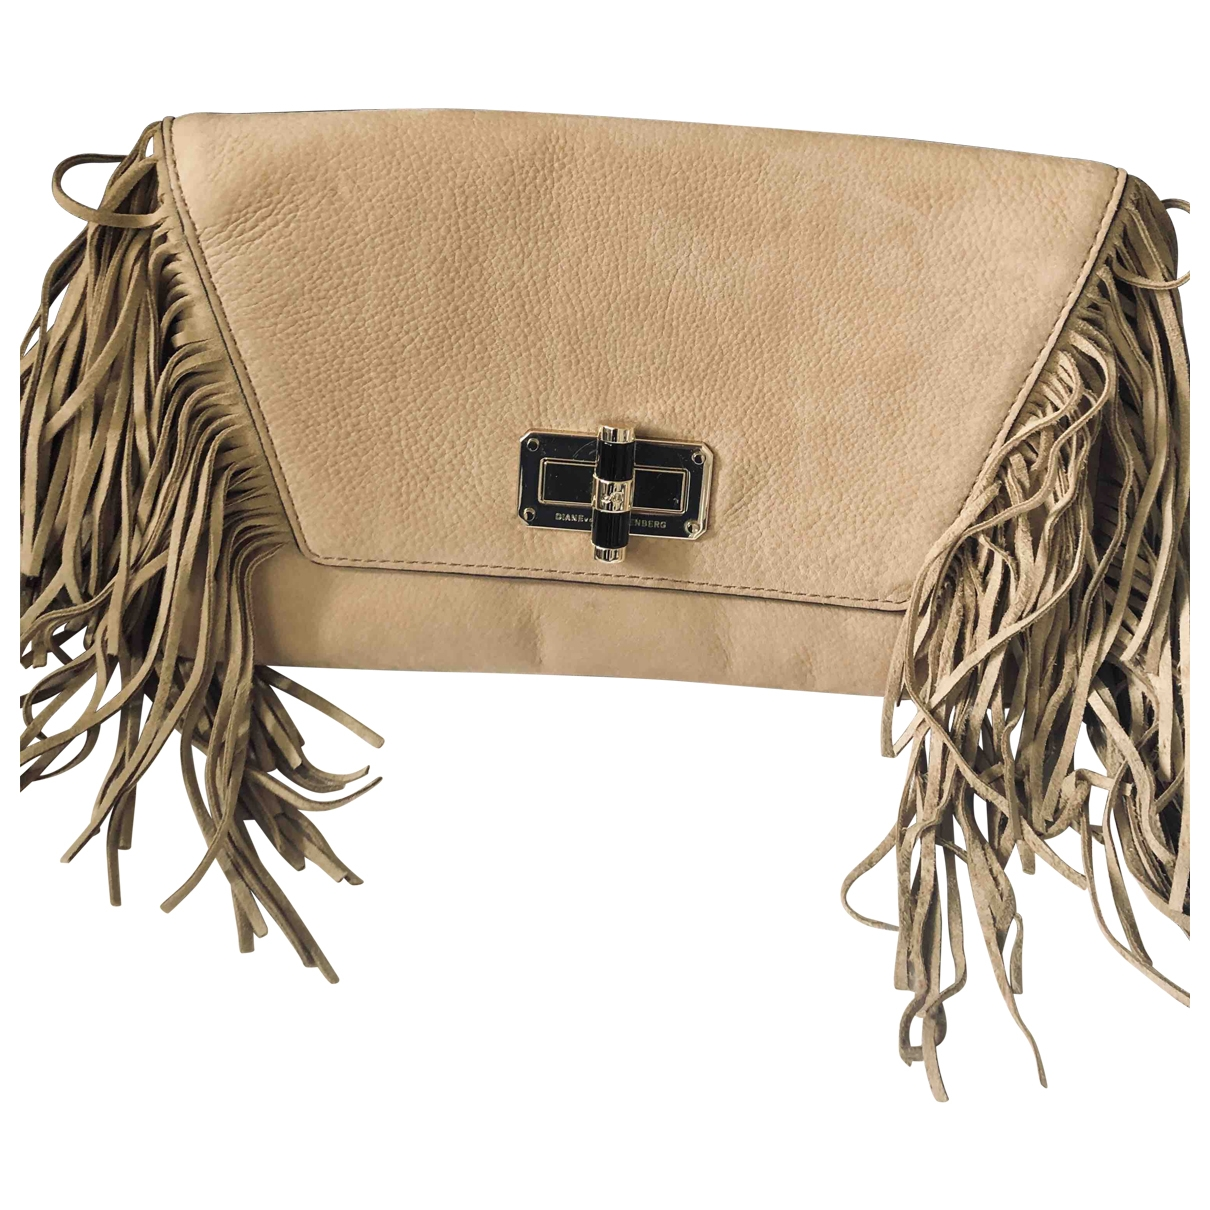 Diane Von Furstenberg \N Beige Suede Clutch bag for Women \N